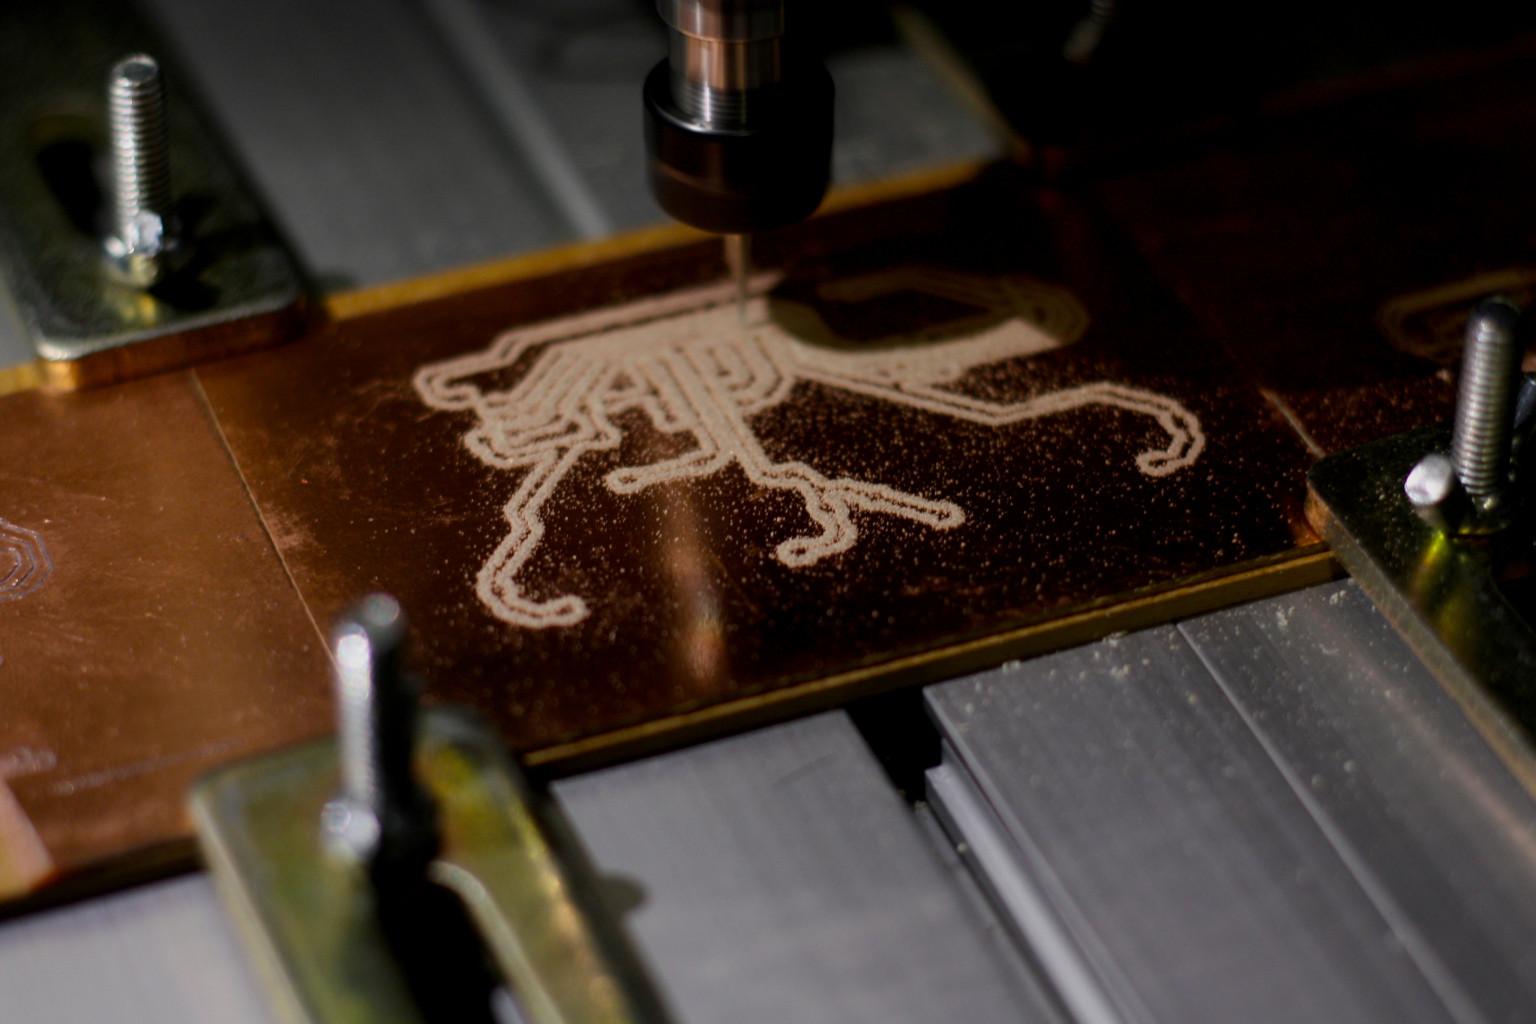 Mit einer Fräse werden Platinen erstellt, welche später die analogen Signale der Taster in digitale Signale umwandeln werden.